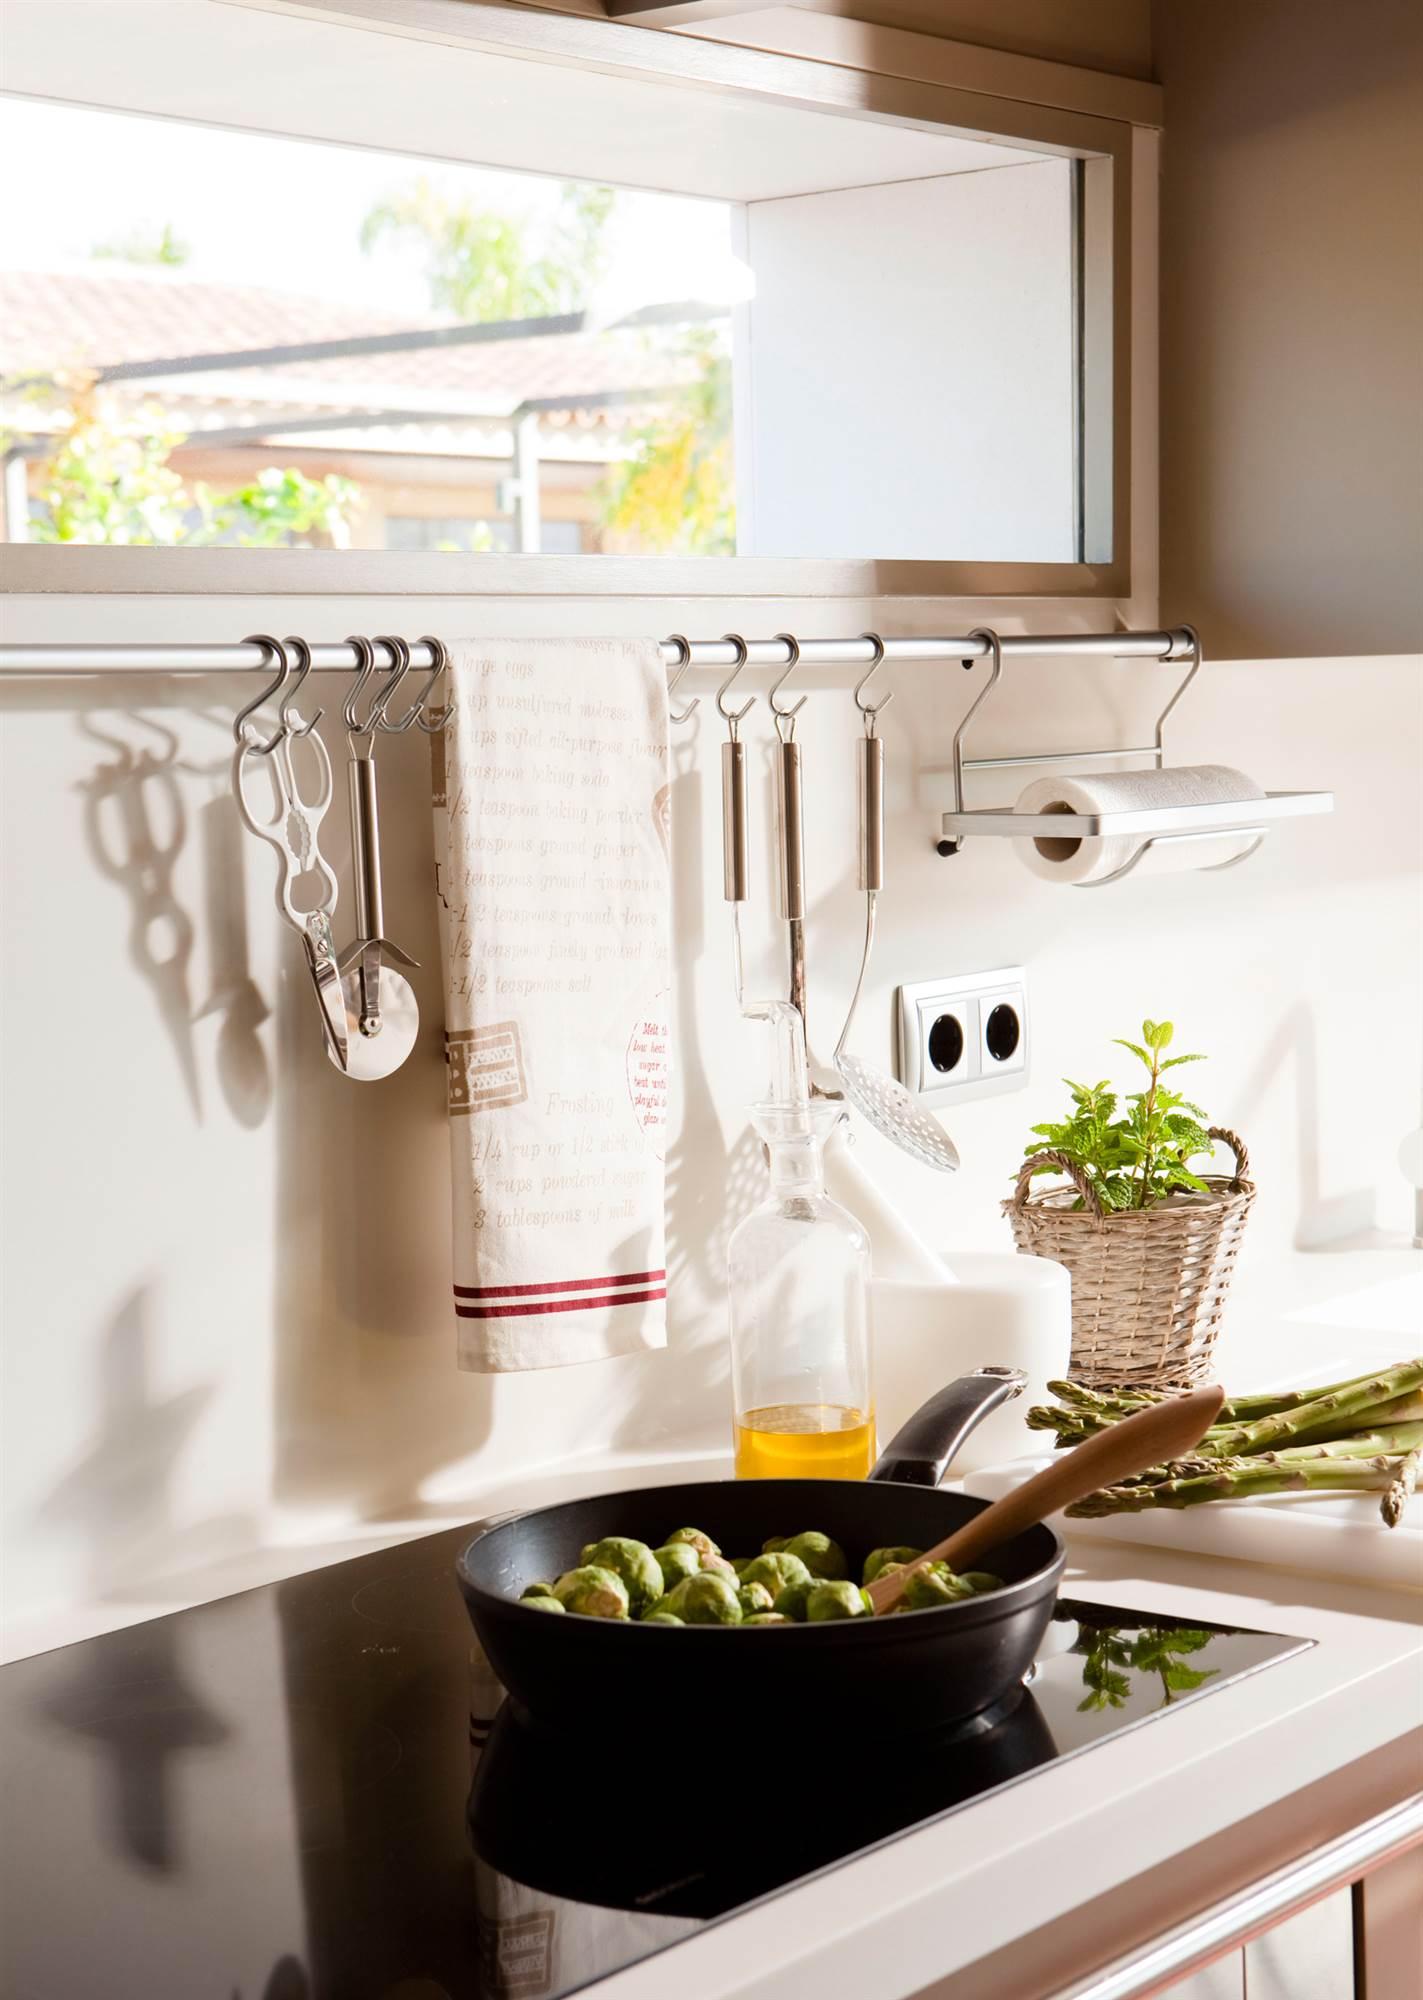 14 00340855. Detalle de la encimera blanca de una cocina con vitrocerámica y una barra para colgar utensilios_14 00340855